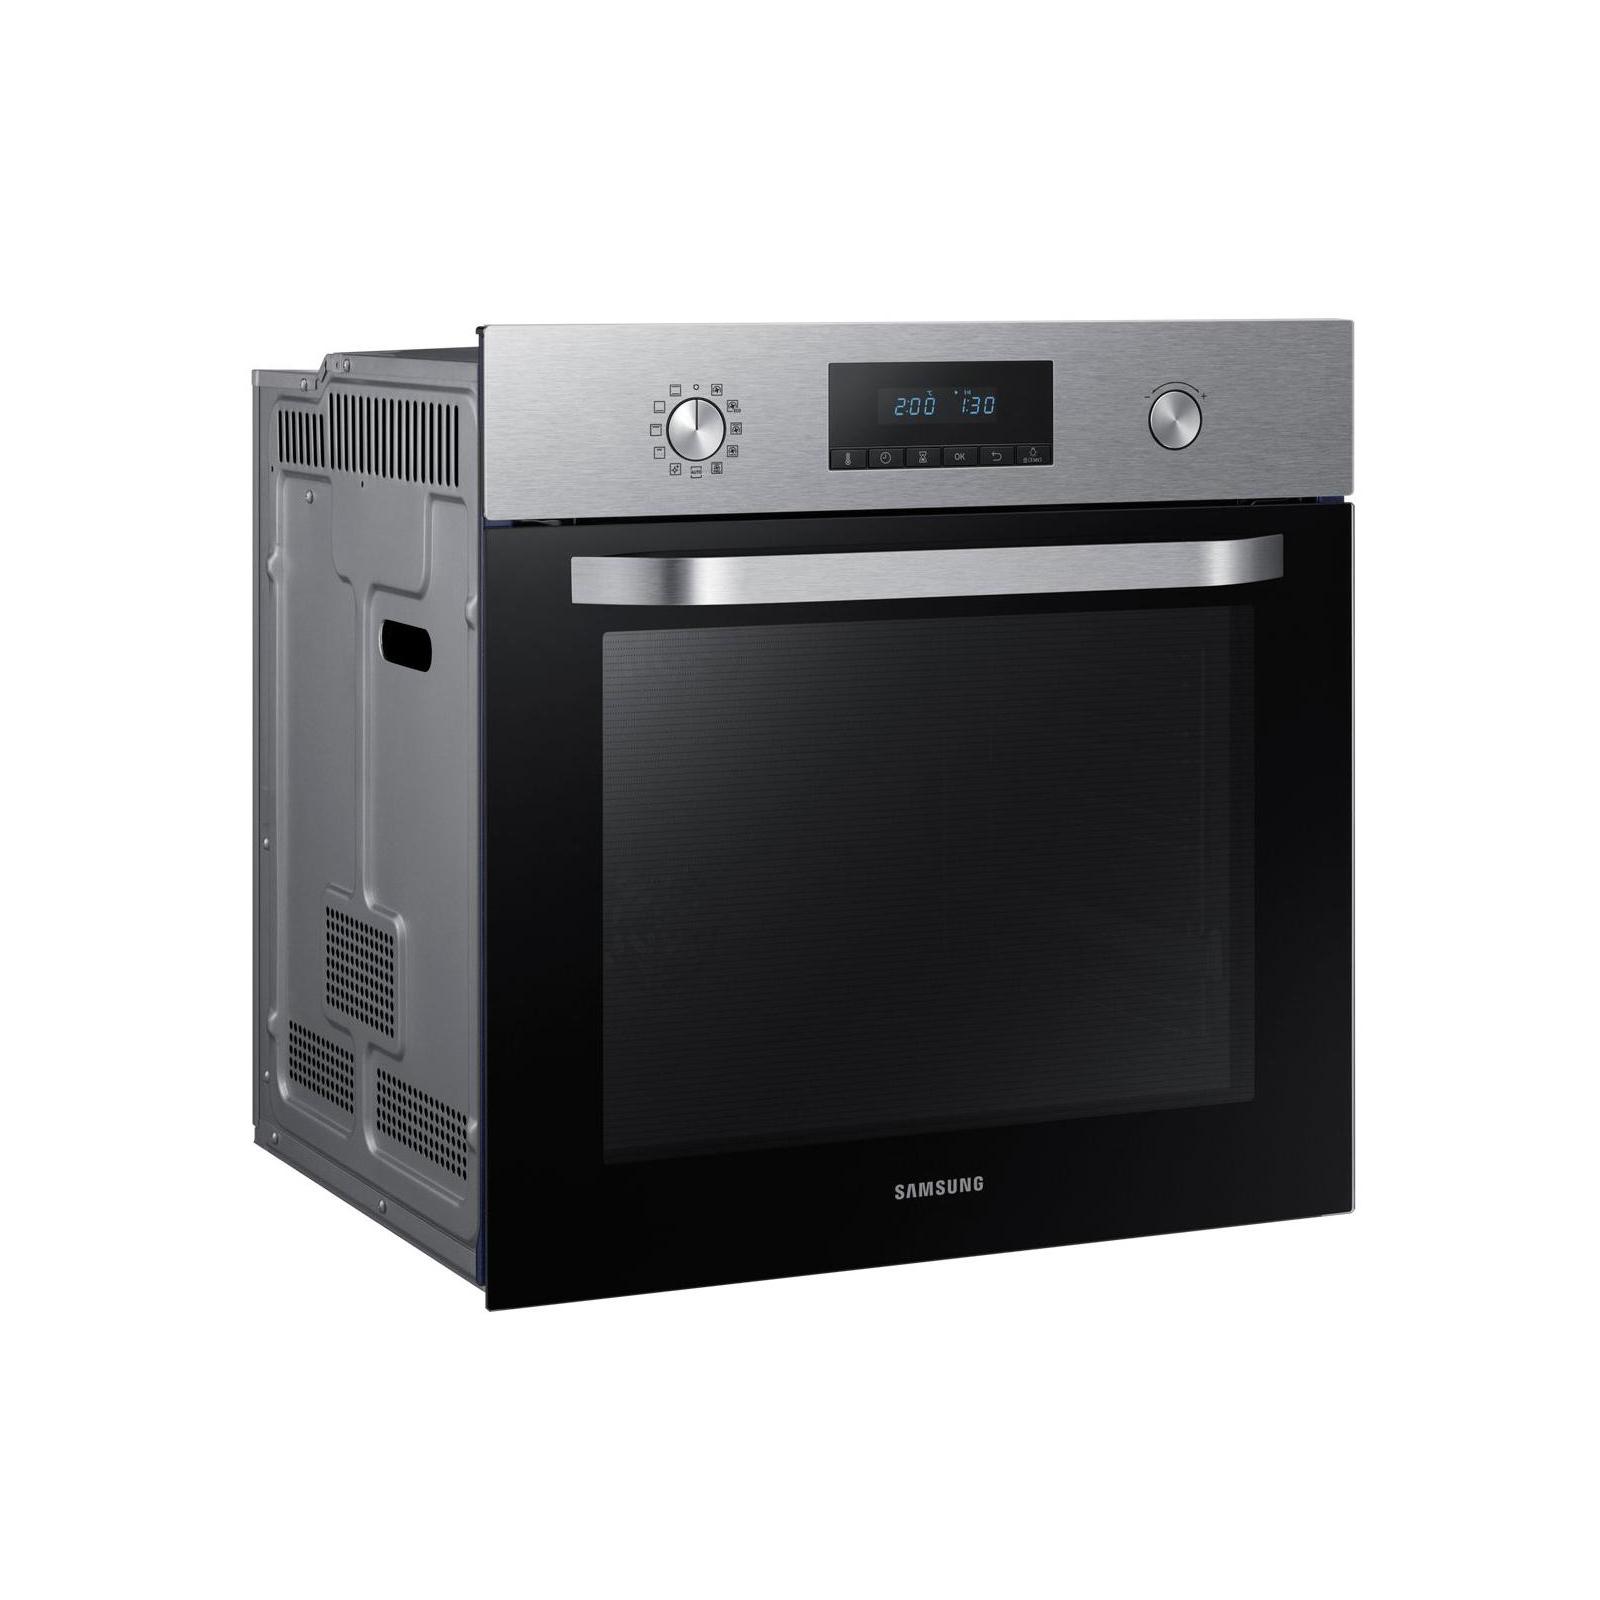 Духовой шкаф Samsung NV70K2340RS/WT изображение 2